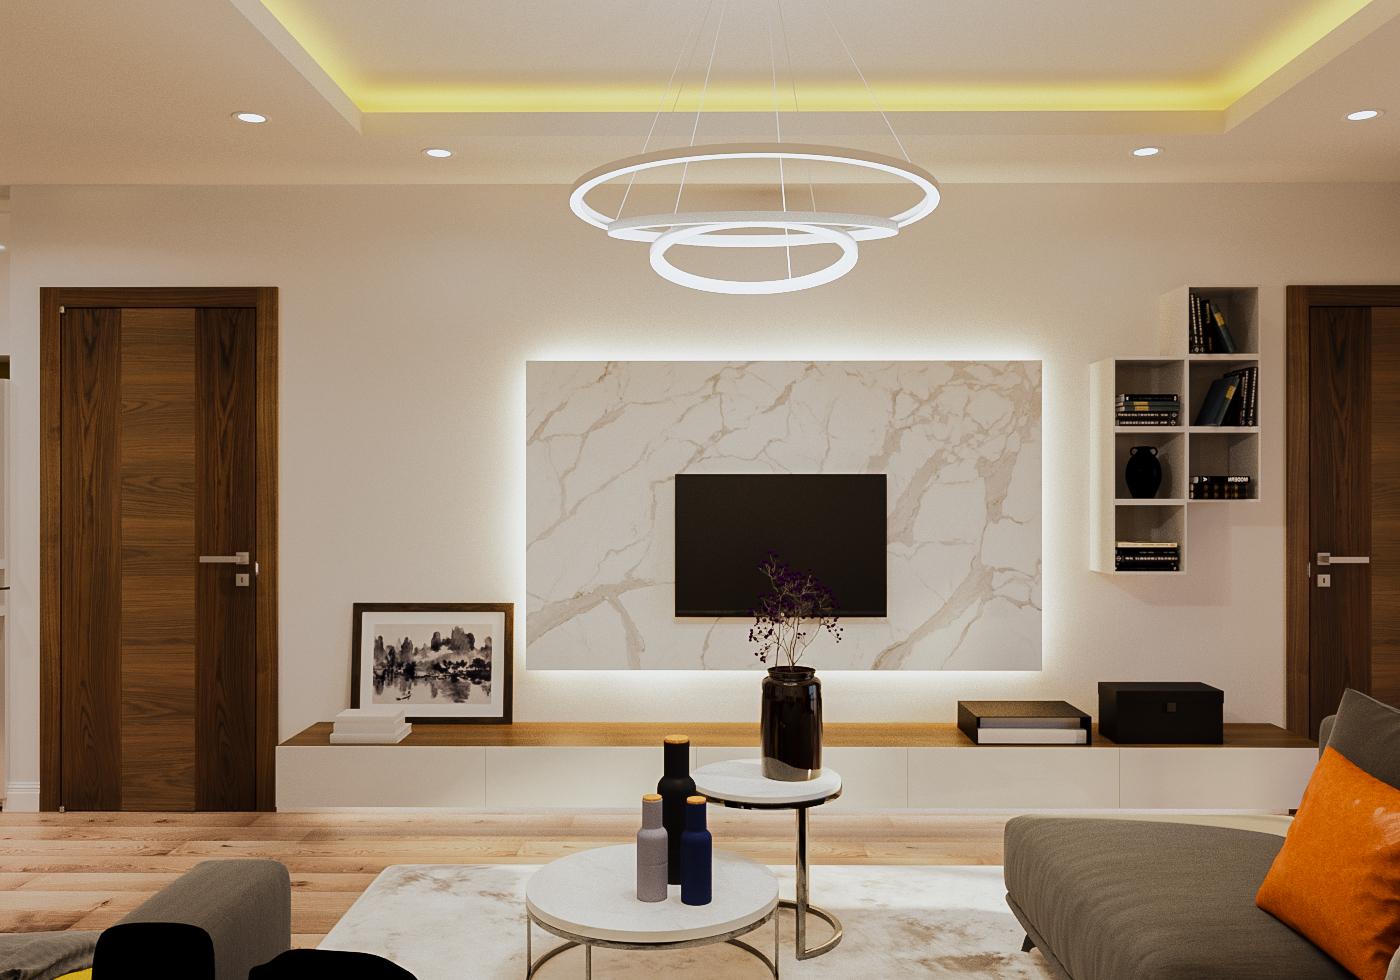 Hiệu ứng ánh sáng trong thiết kế nội thất hiện đại - Công ty Thiết kế & Thi  công Nội thất Trọn Gói Byzan – Uy tín, Chuyên nghiệp